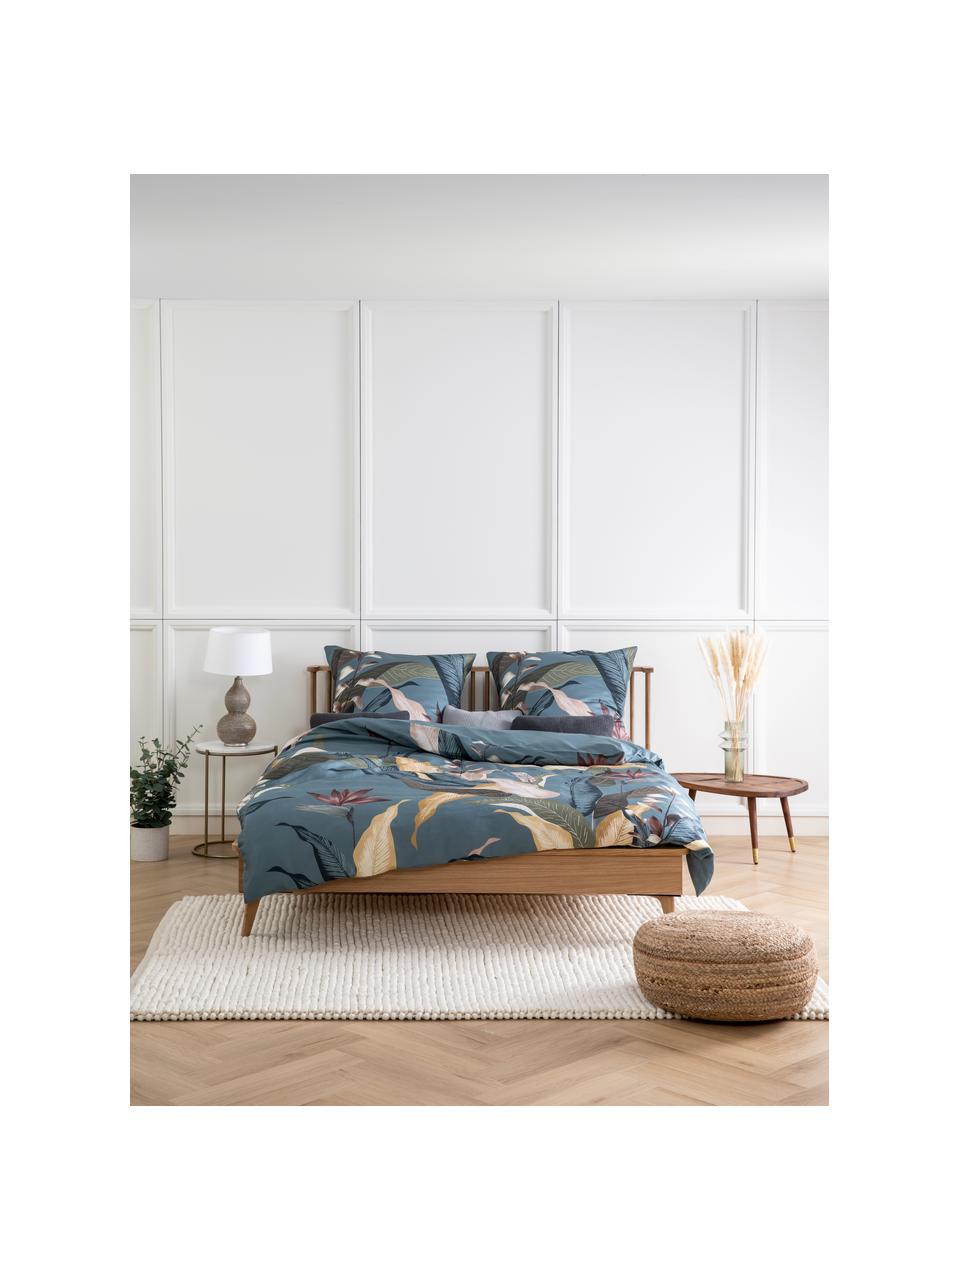 Houten bed Wild met hoofdeinde, MDF met eikenhoutfineer, Eikenhoutkleurig, 160 x 200 cm